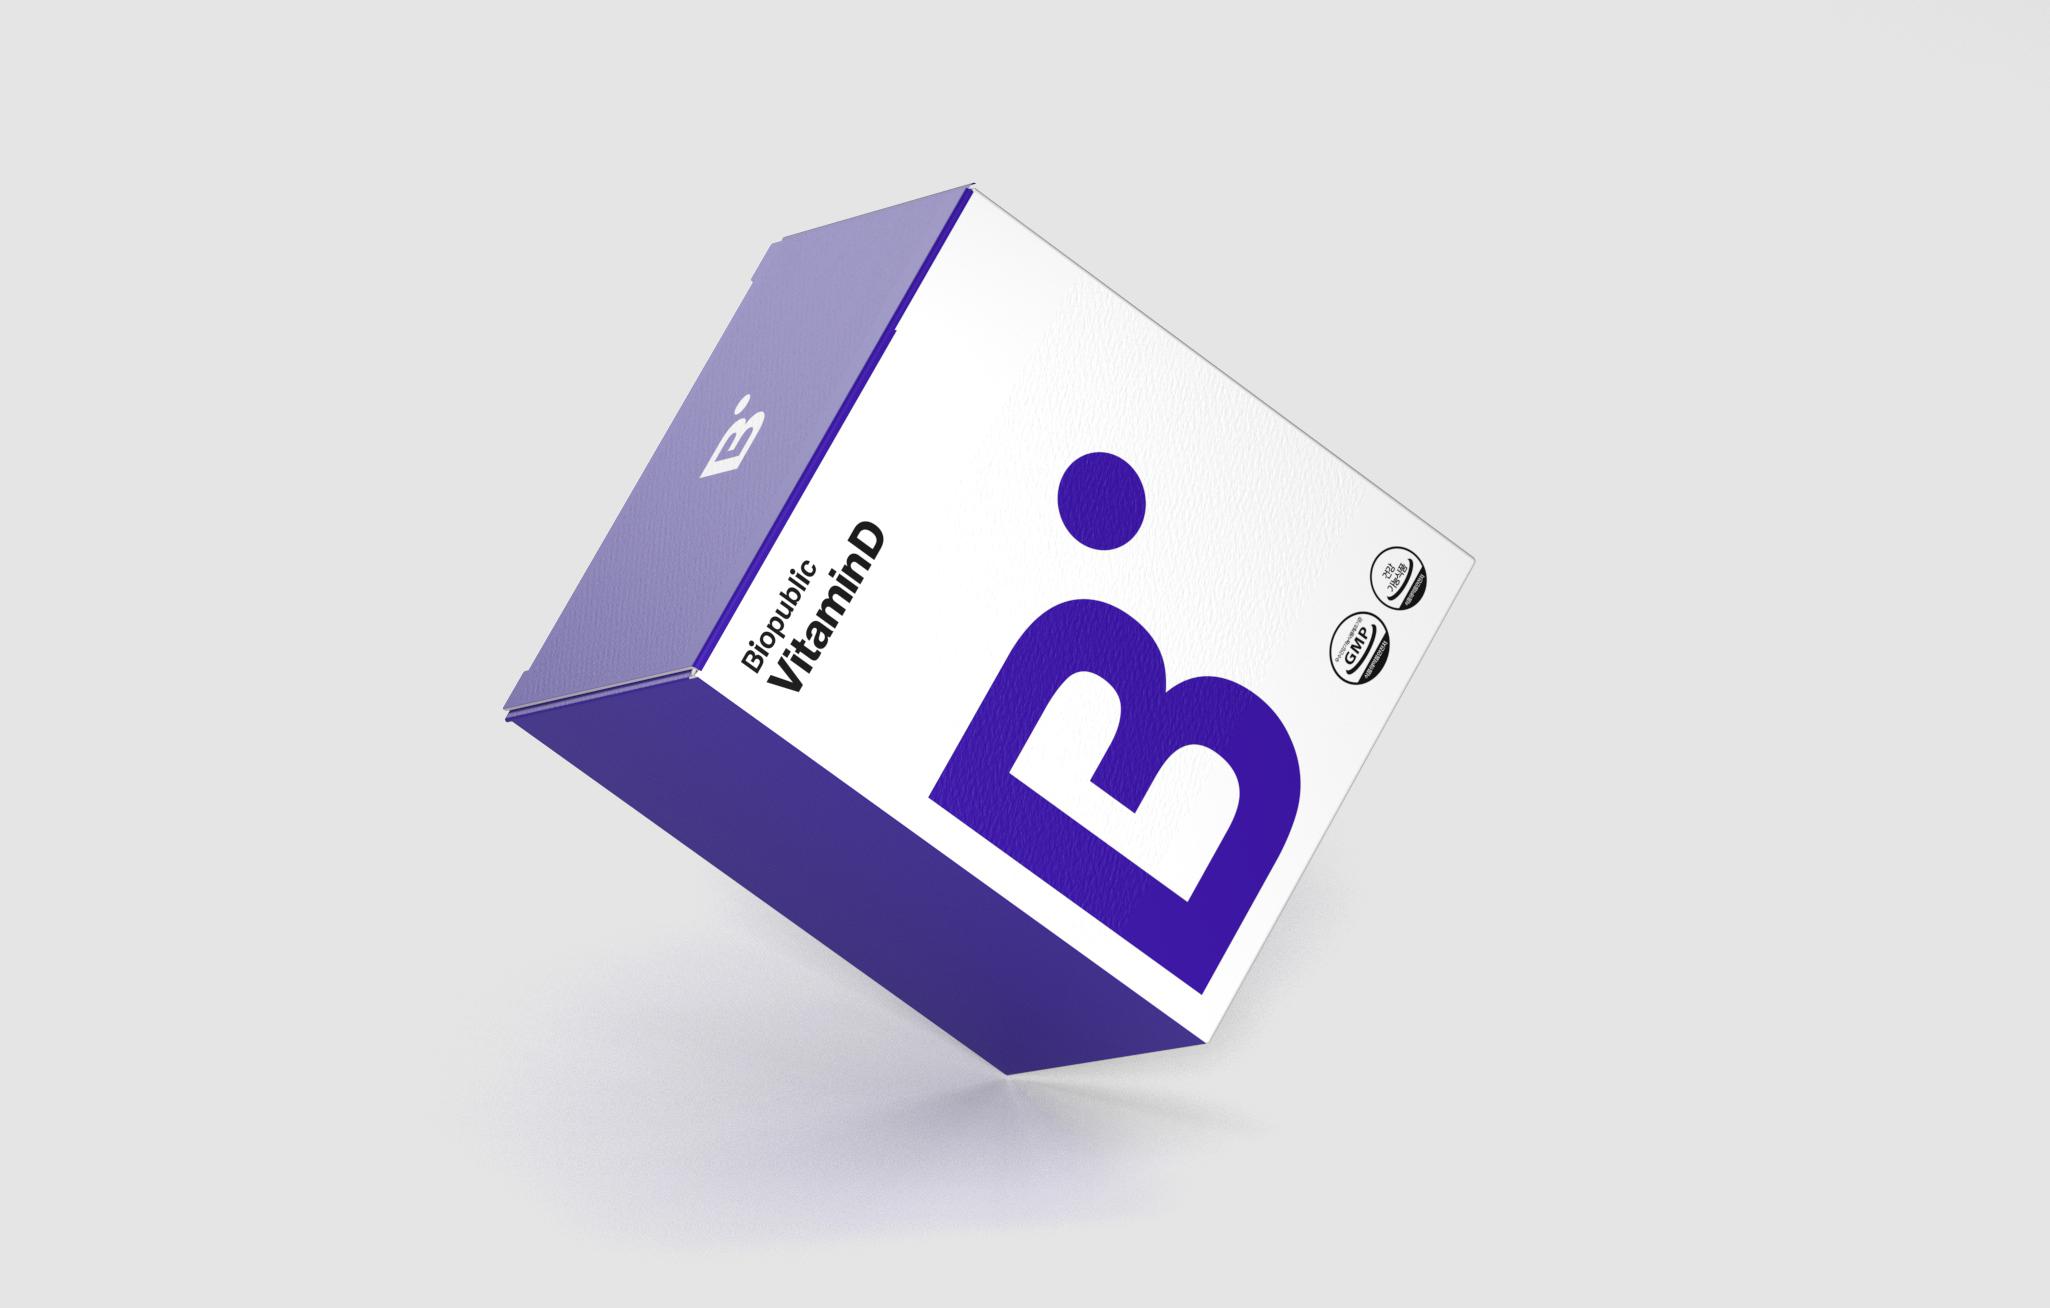 Biopublic Emart's Supplement Brand Designed by Yard Studio